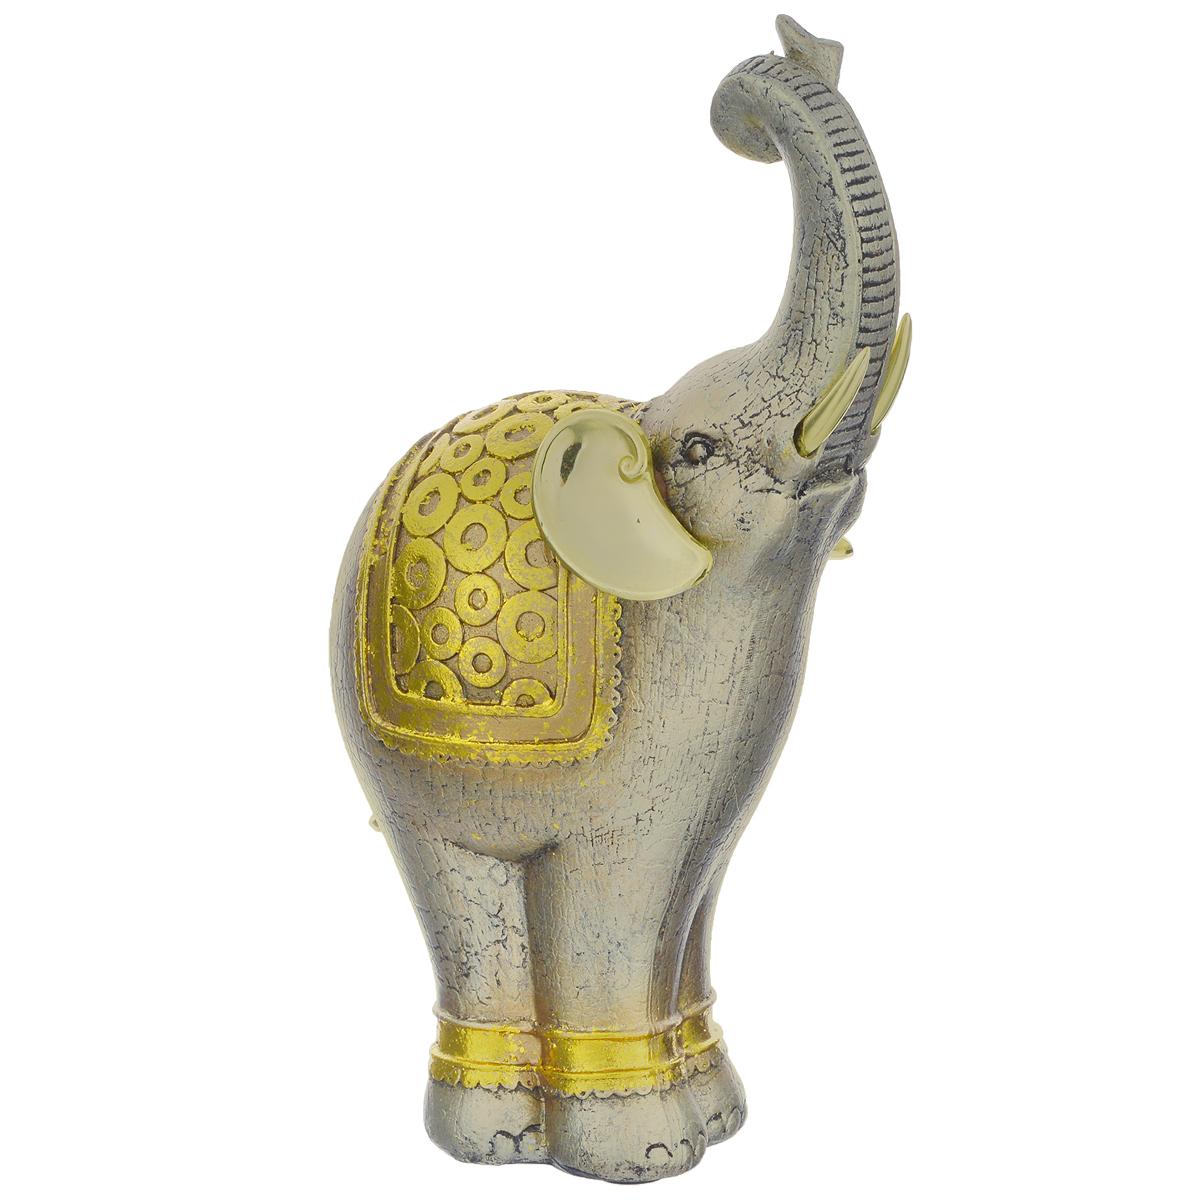 Фигурка декоративная Molento Золотой слон, высота 26 см549-036Декоративная фигура Molento Золотой слон, изготовленная из полистоуна, позволит вам украсить интерьер дома, рабочего кабинета или любого другого помещения оригинальным образом. Изделие, выполненное в виде слона, оформлено рельефным рисунком и золотистым напылением. С такой декоративной фигурой вы сможете не просто внести в интерьер элемент оригинальности, но и создать атмосферу загадочности и изысканности. Размер фигурки: 15 см х 9 см х 26 см.